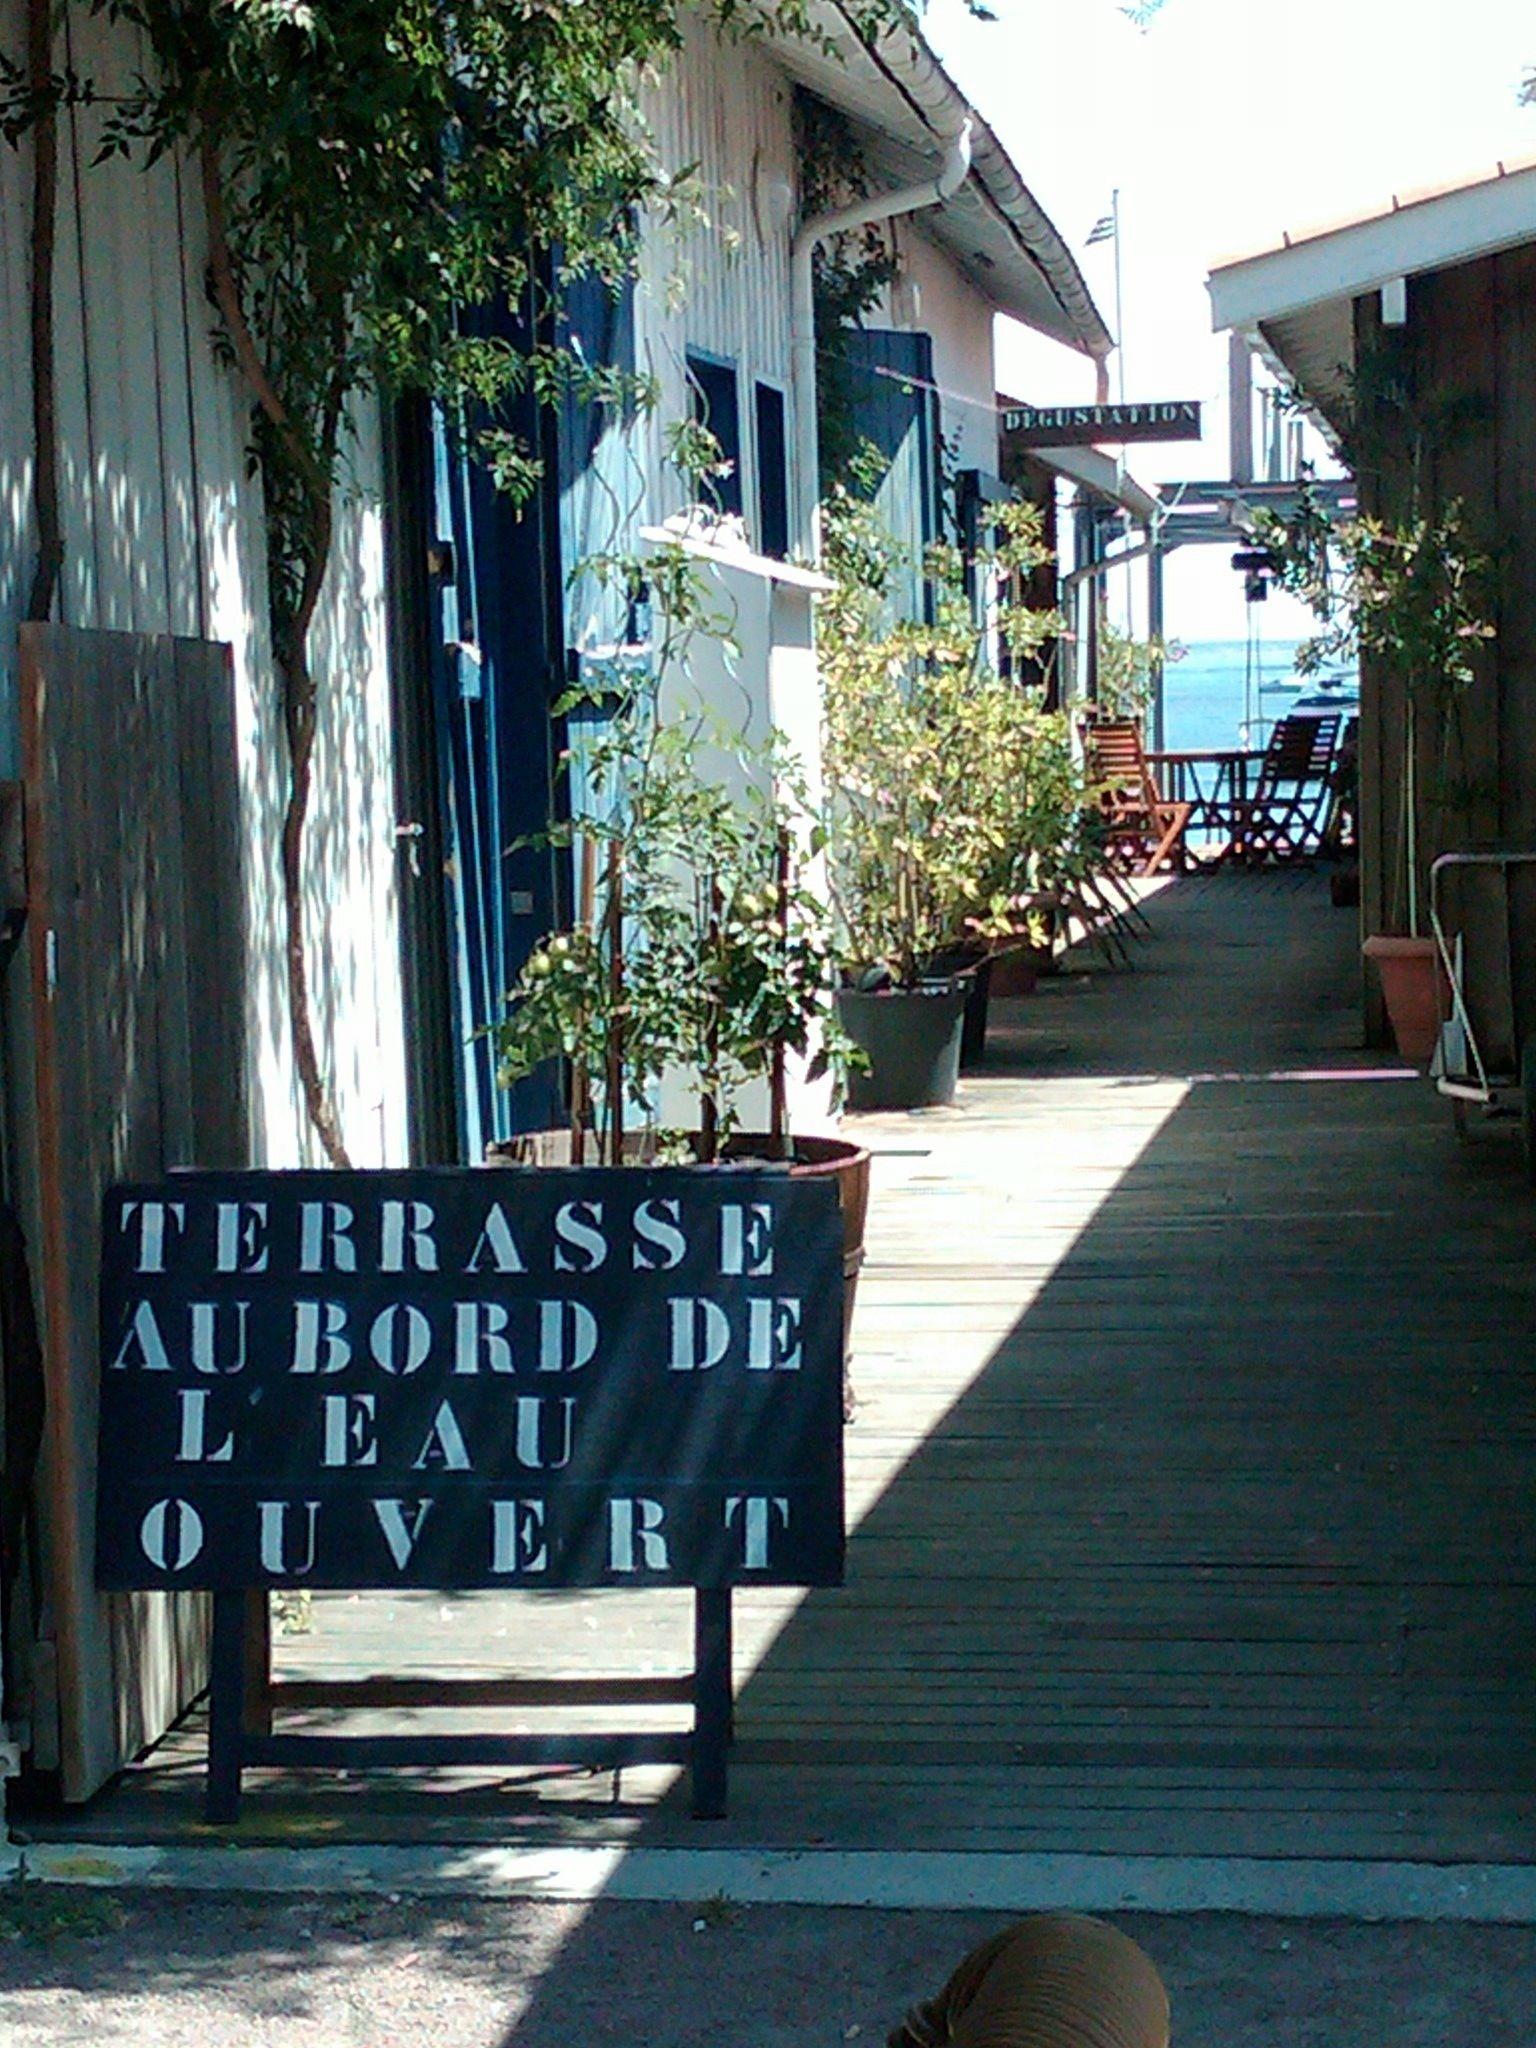 Epingle Par Lena Aycaguer Sur Sud Ouest Arcachon Bassin D Arcachon Tourisme En France